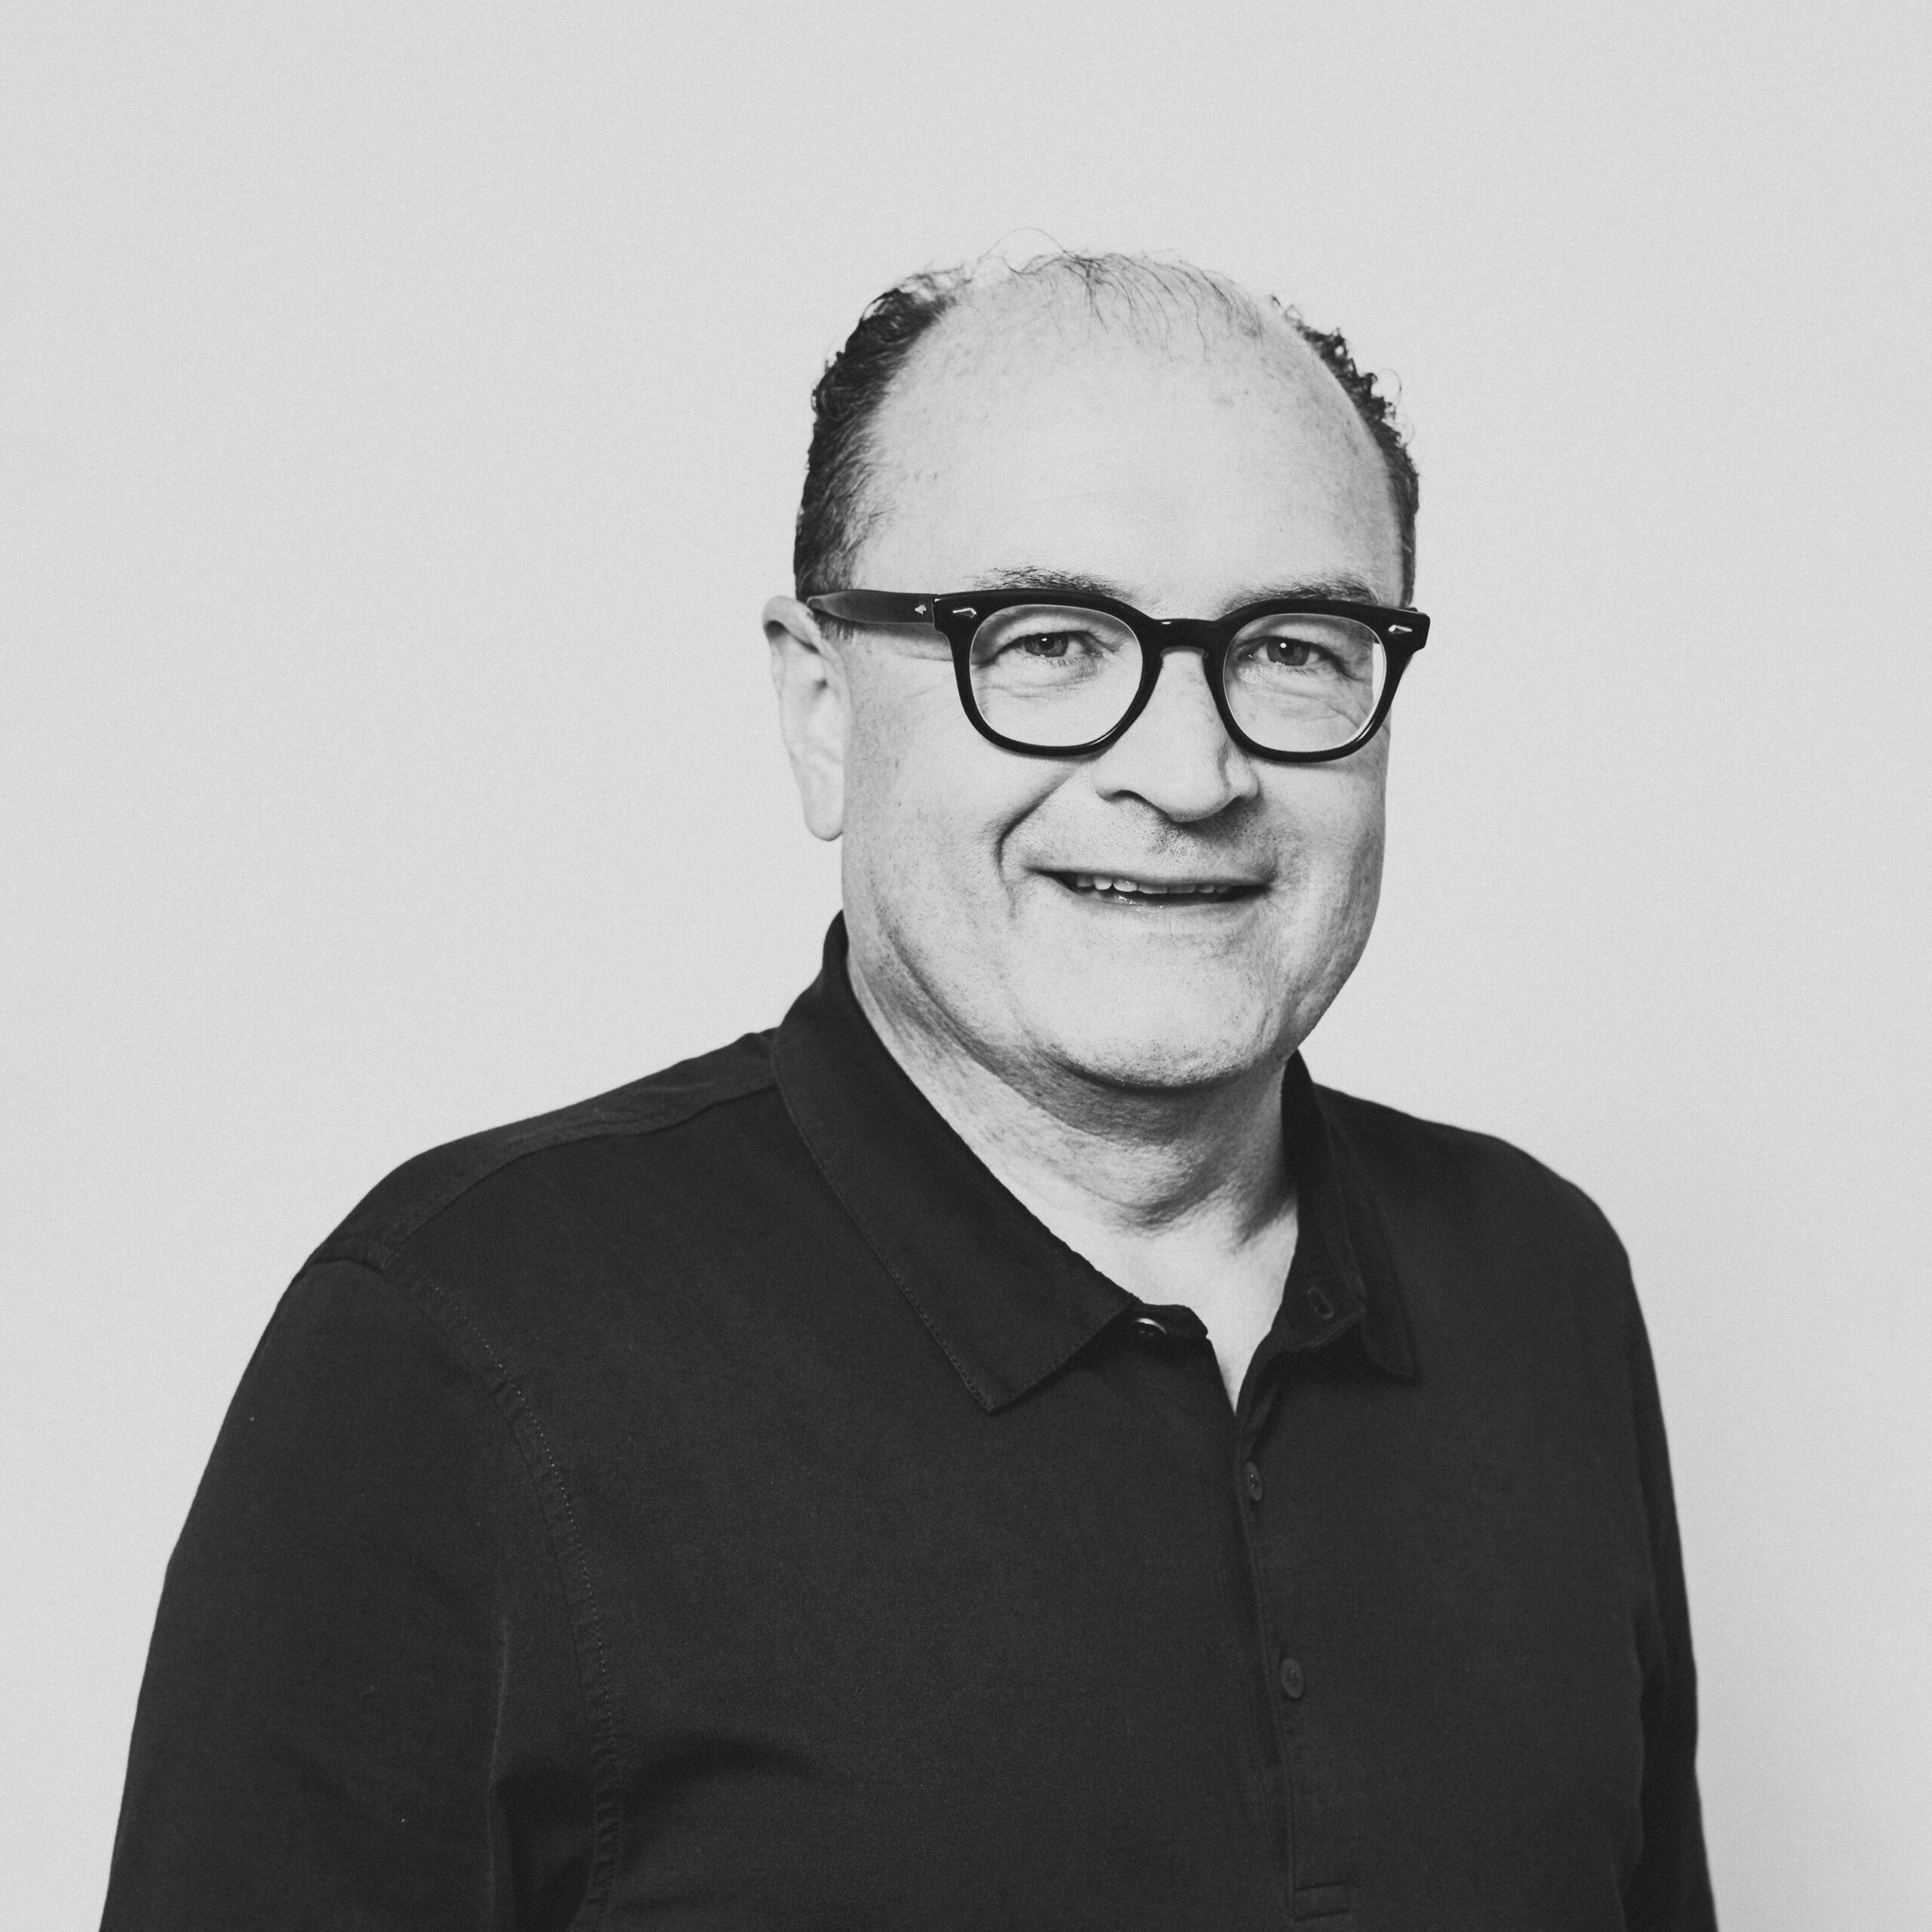 Markus Eisele Makesomenoise